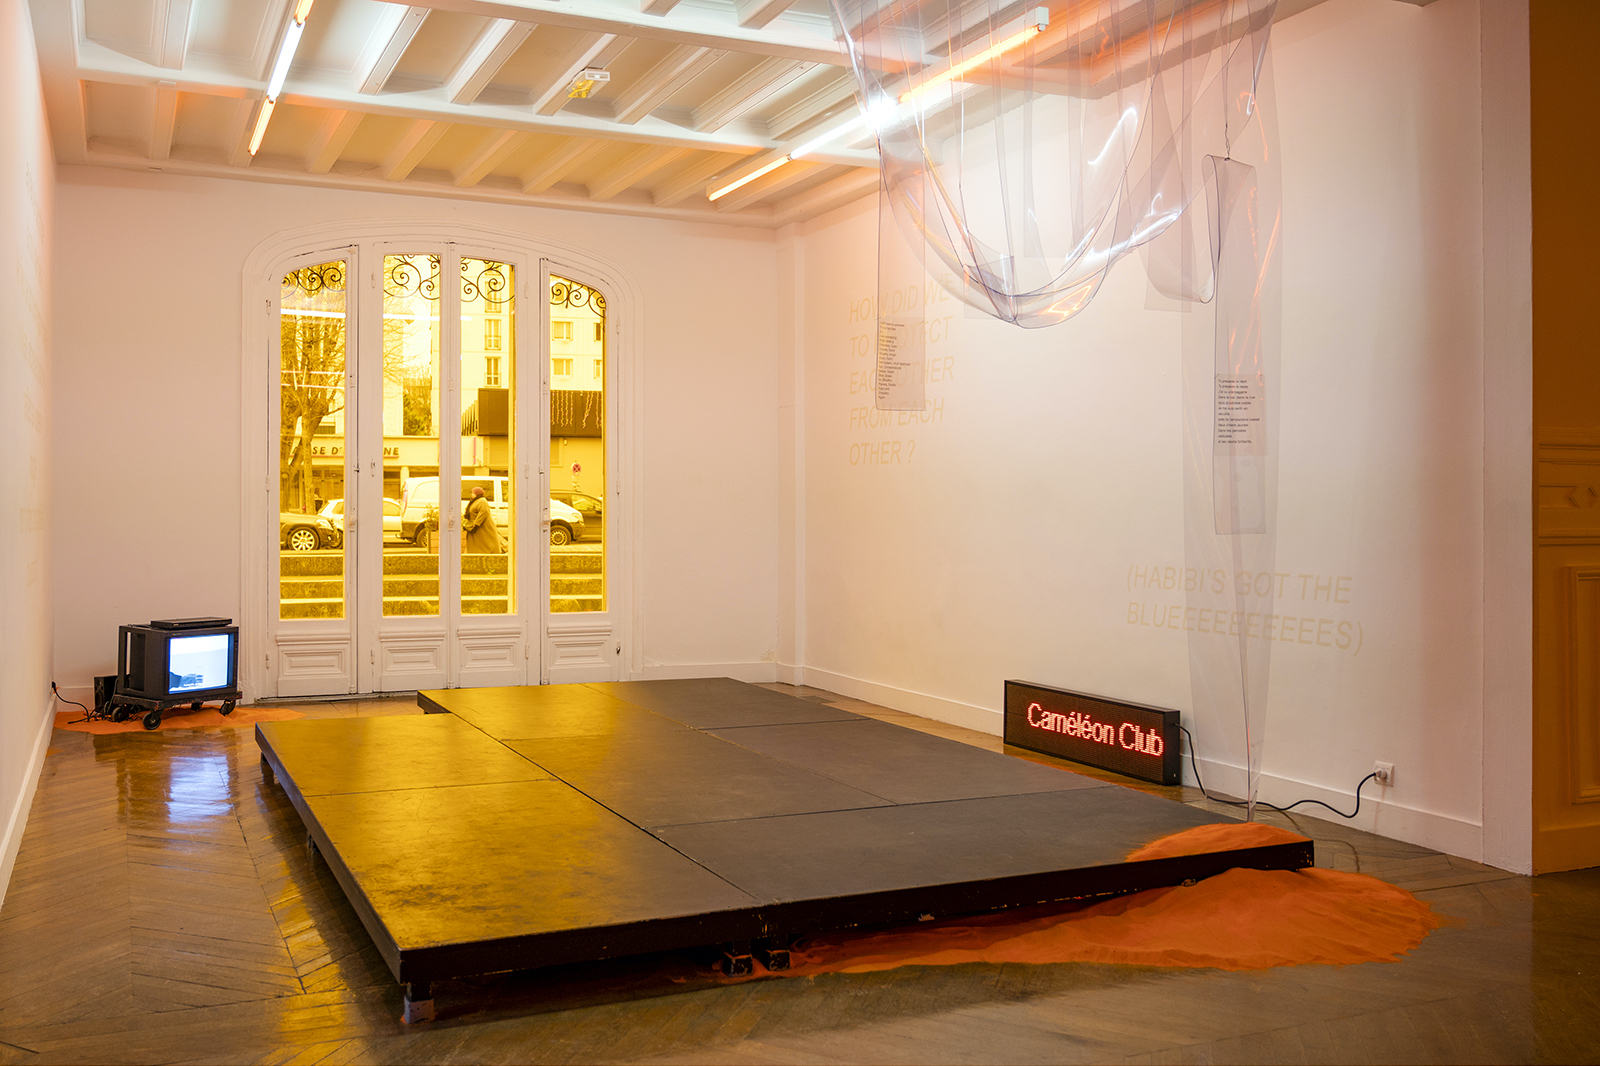 Tarek Lakhrissi, Caméléon Club, 2019. Installation view. La Galerie CAC, Noisy-Le-Sec, FR. Photography: Pierre Antoine.